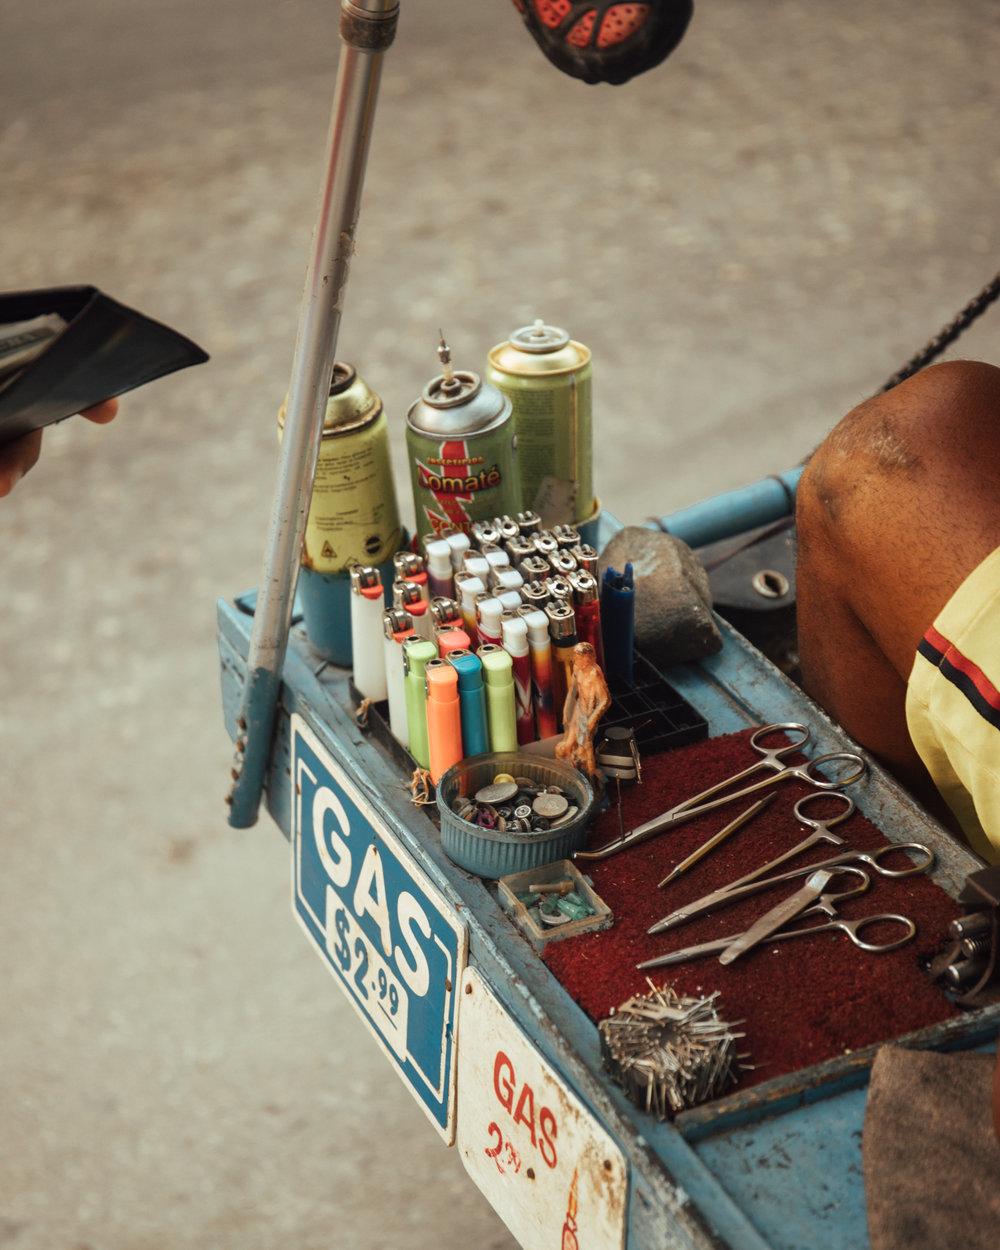 Postcards_From_Cuba_Javi_visits_Hotel_weekend17.jpg